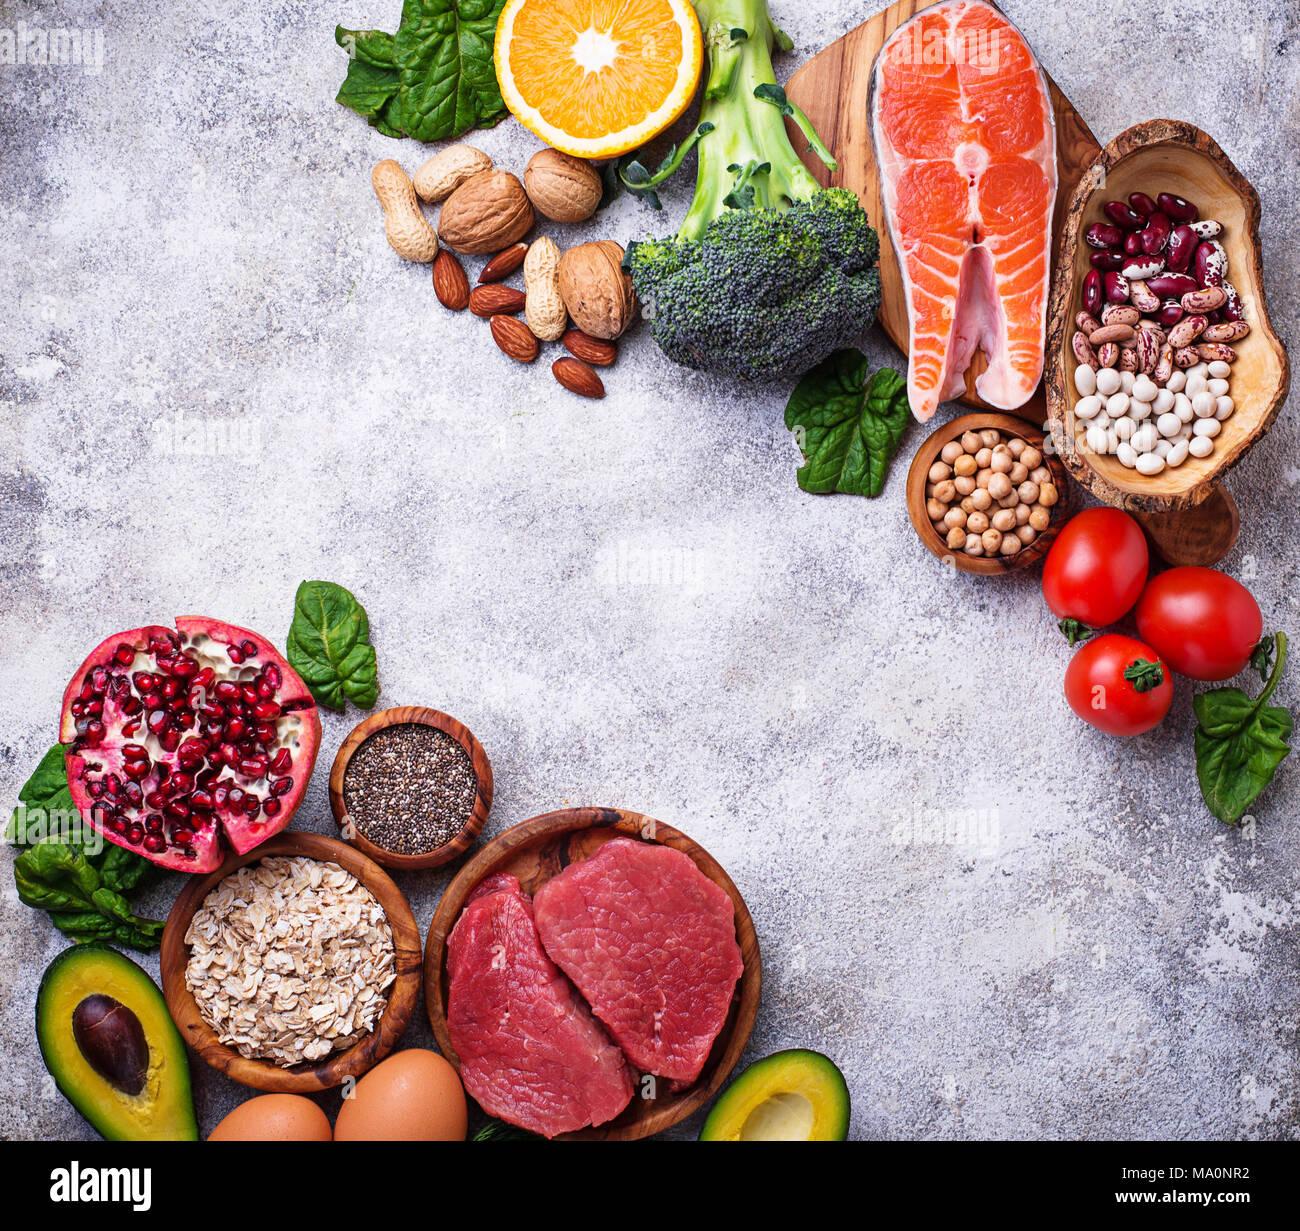 Los alimentos orgánicos para una nutrición sana y fuentes alimenticias. Dieta equilibrada. Vista superior, espacio de copia Foto de stock